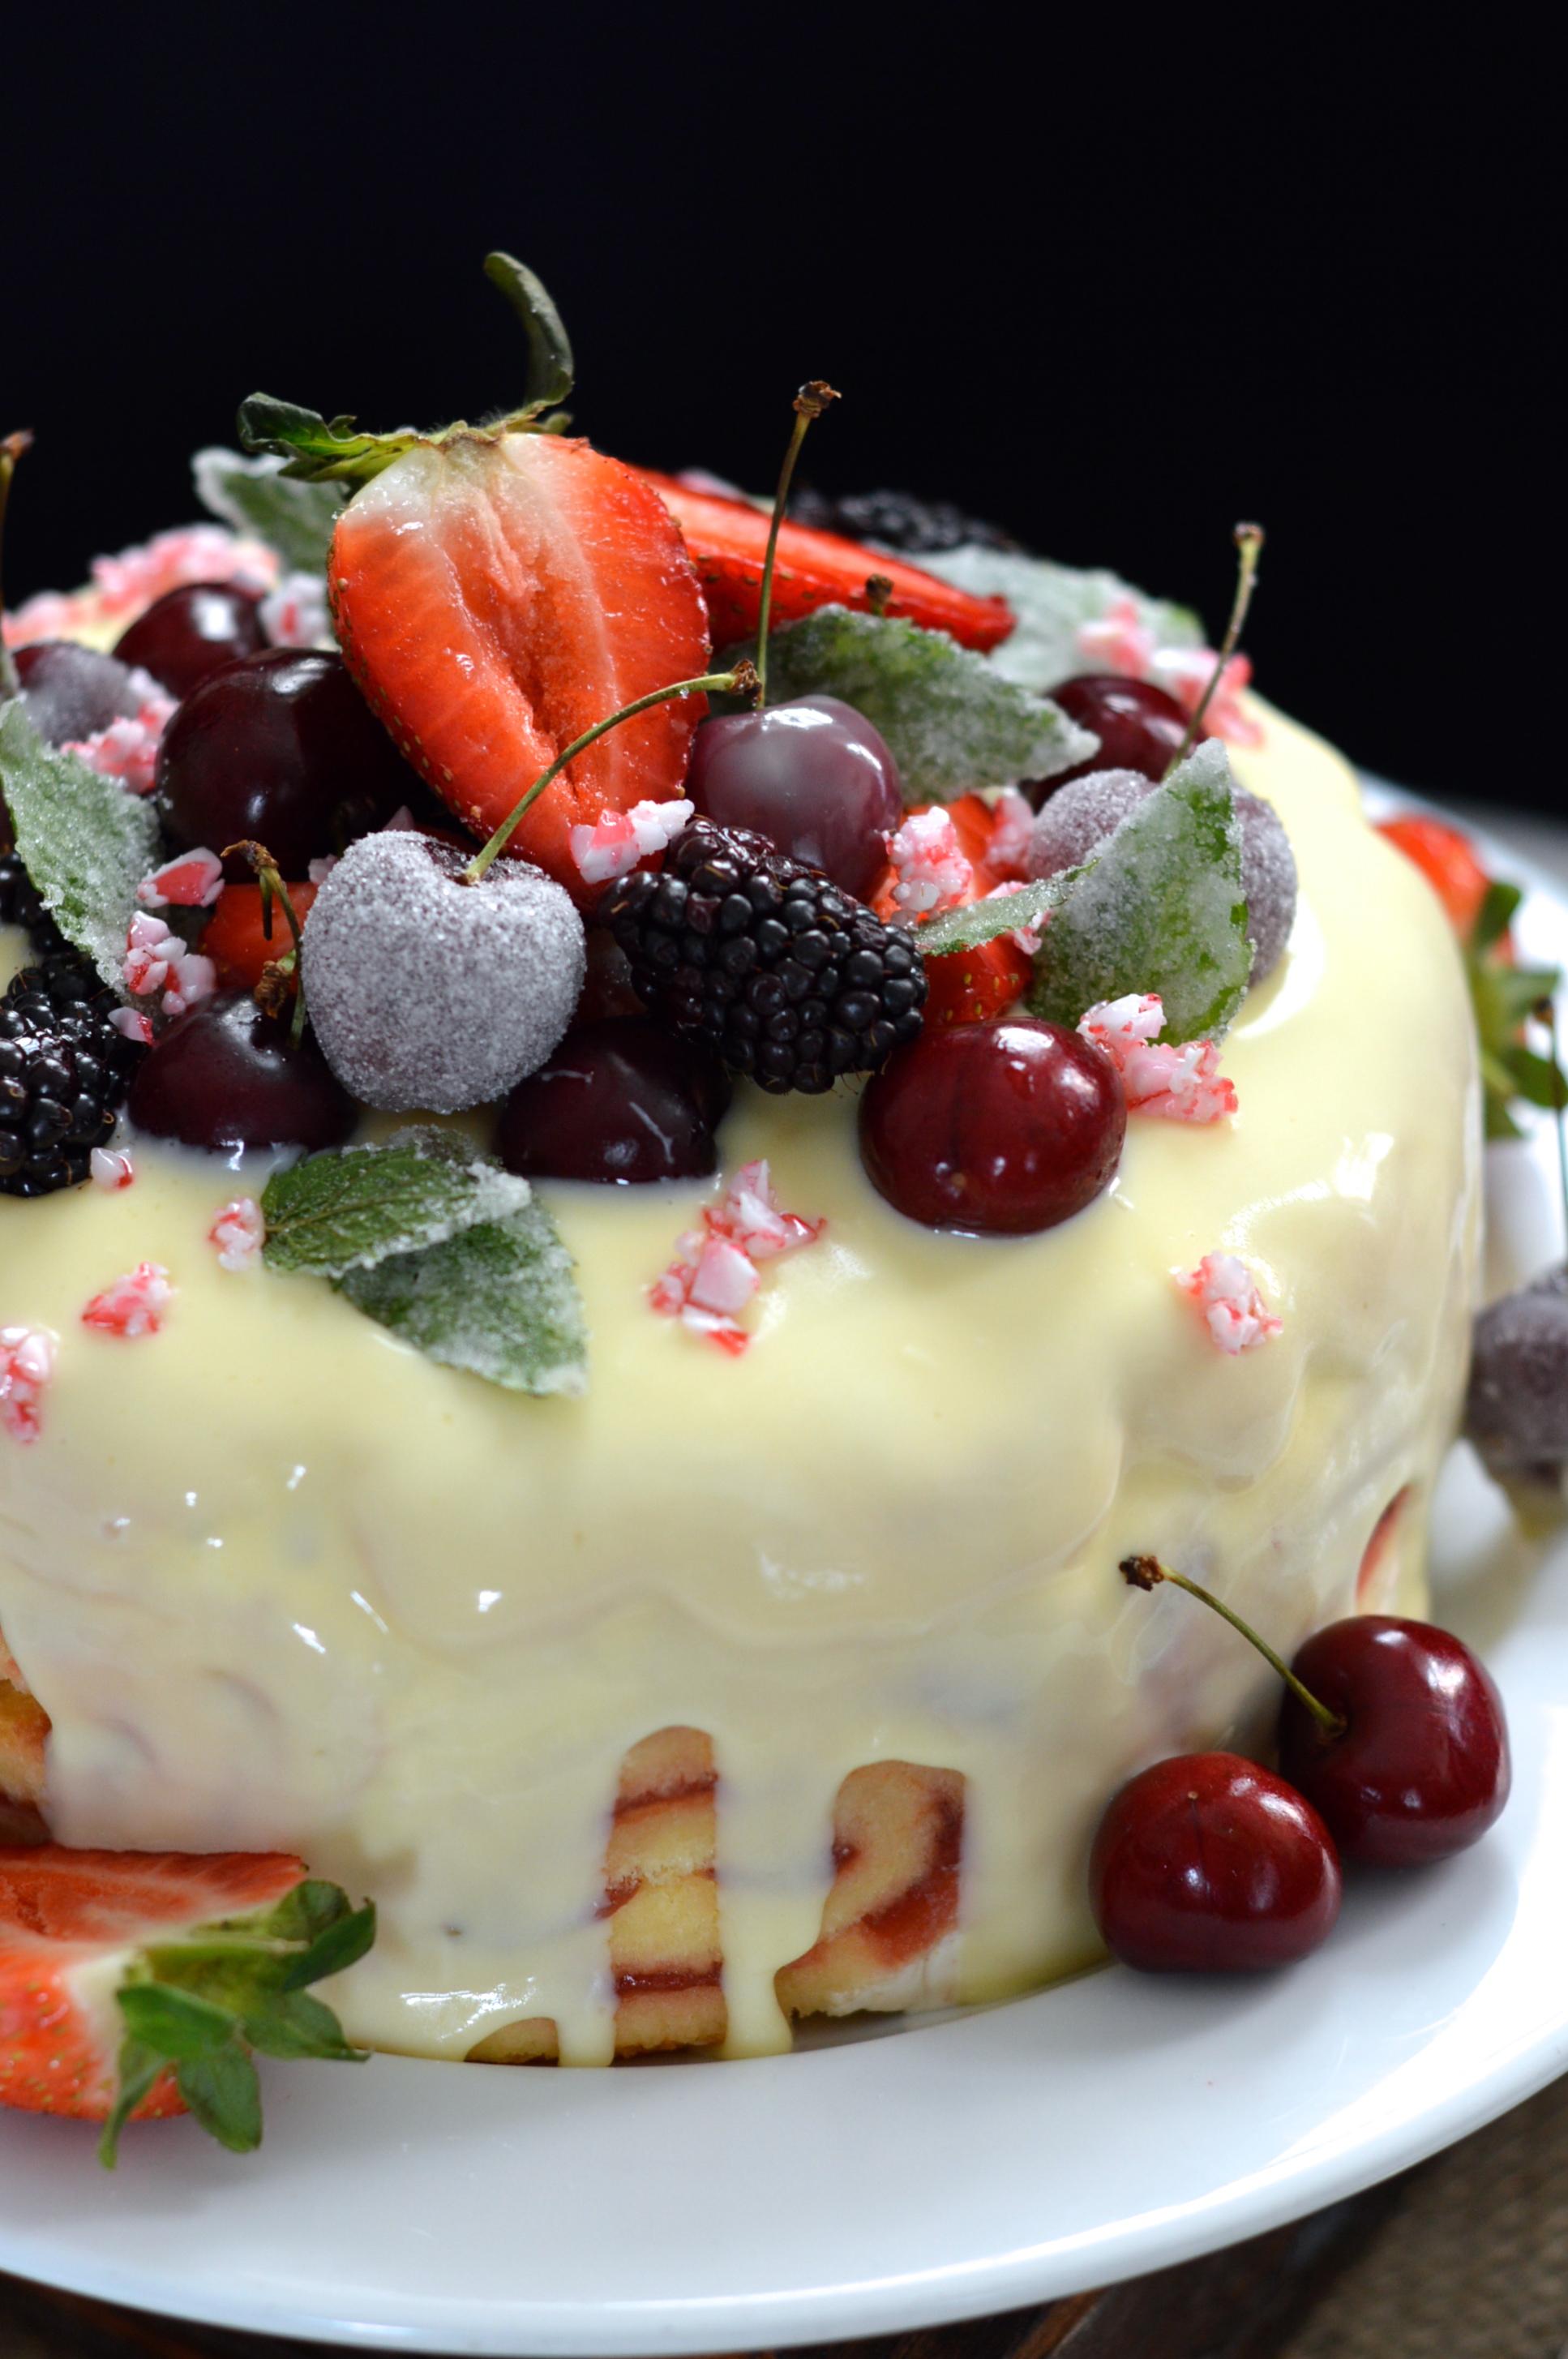 Dazzling Chocolate Cake Boozy Chocolate My Cherry Cherry Cake Pass Temple University Cherry houzz-03 Cherry And White